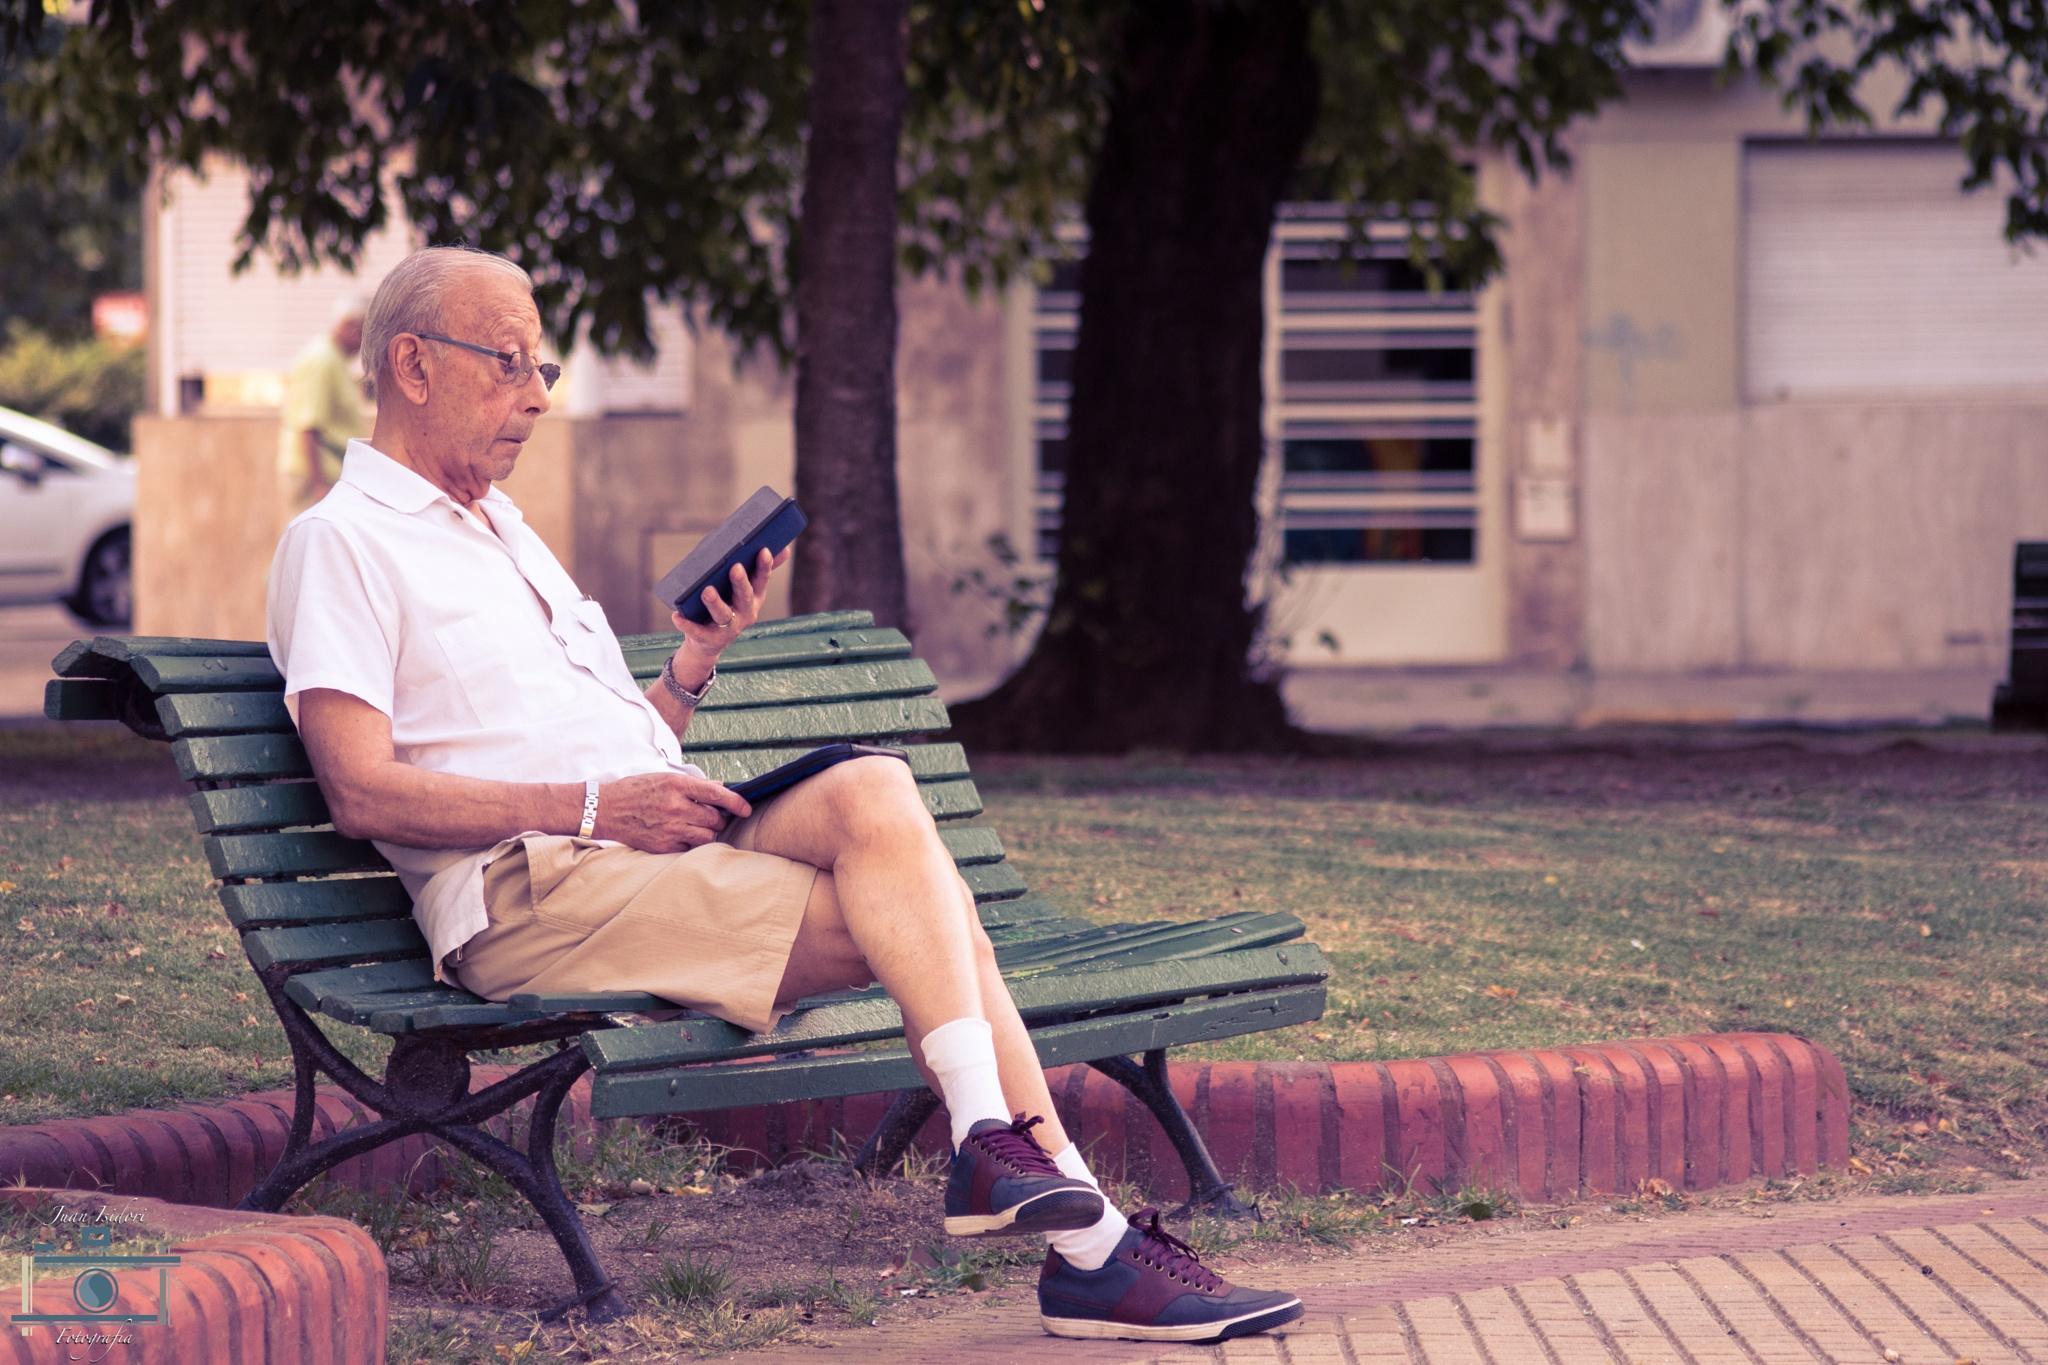 Old man 2.0 by Juan Pablo Isidori